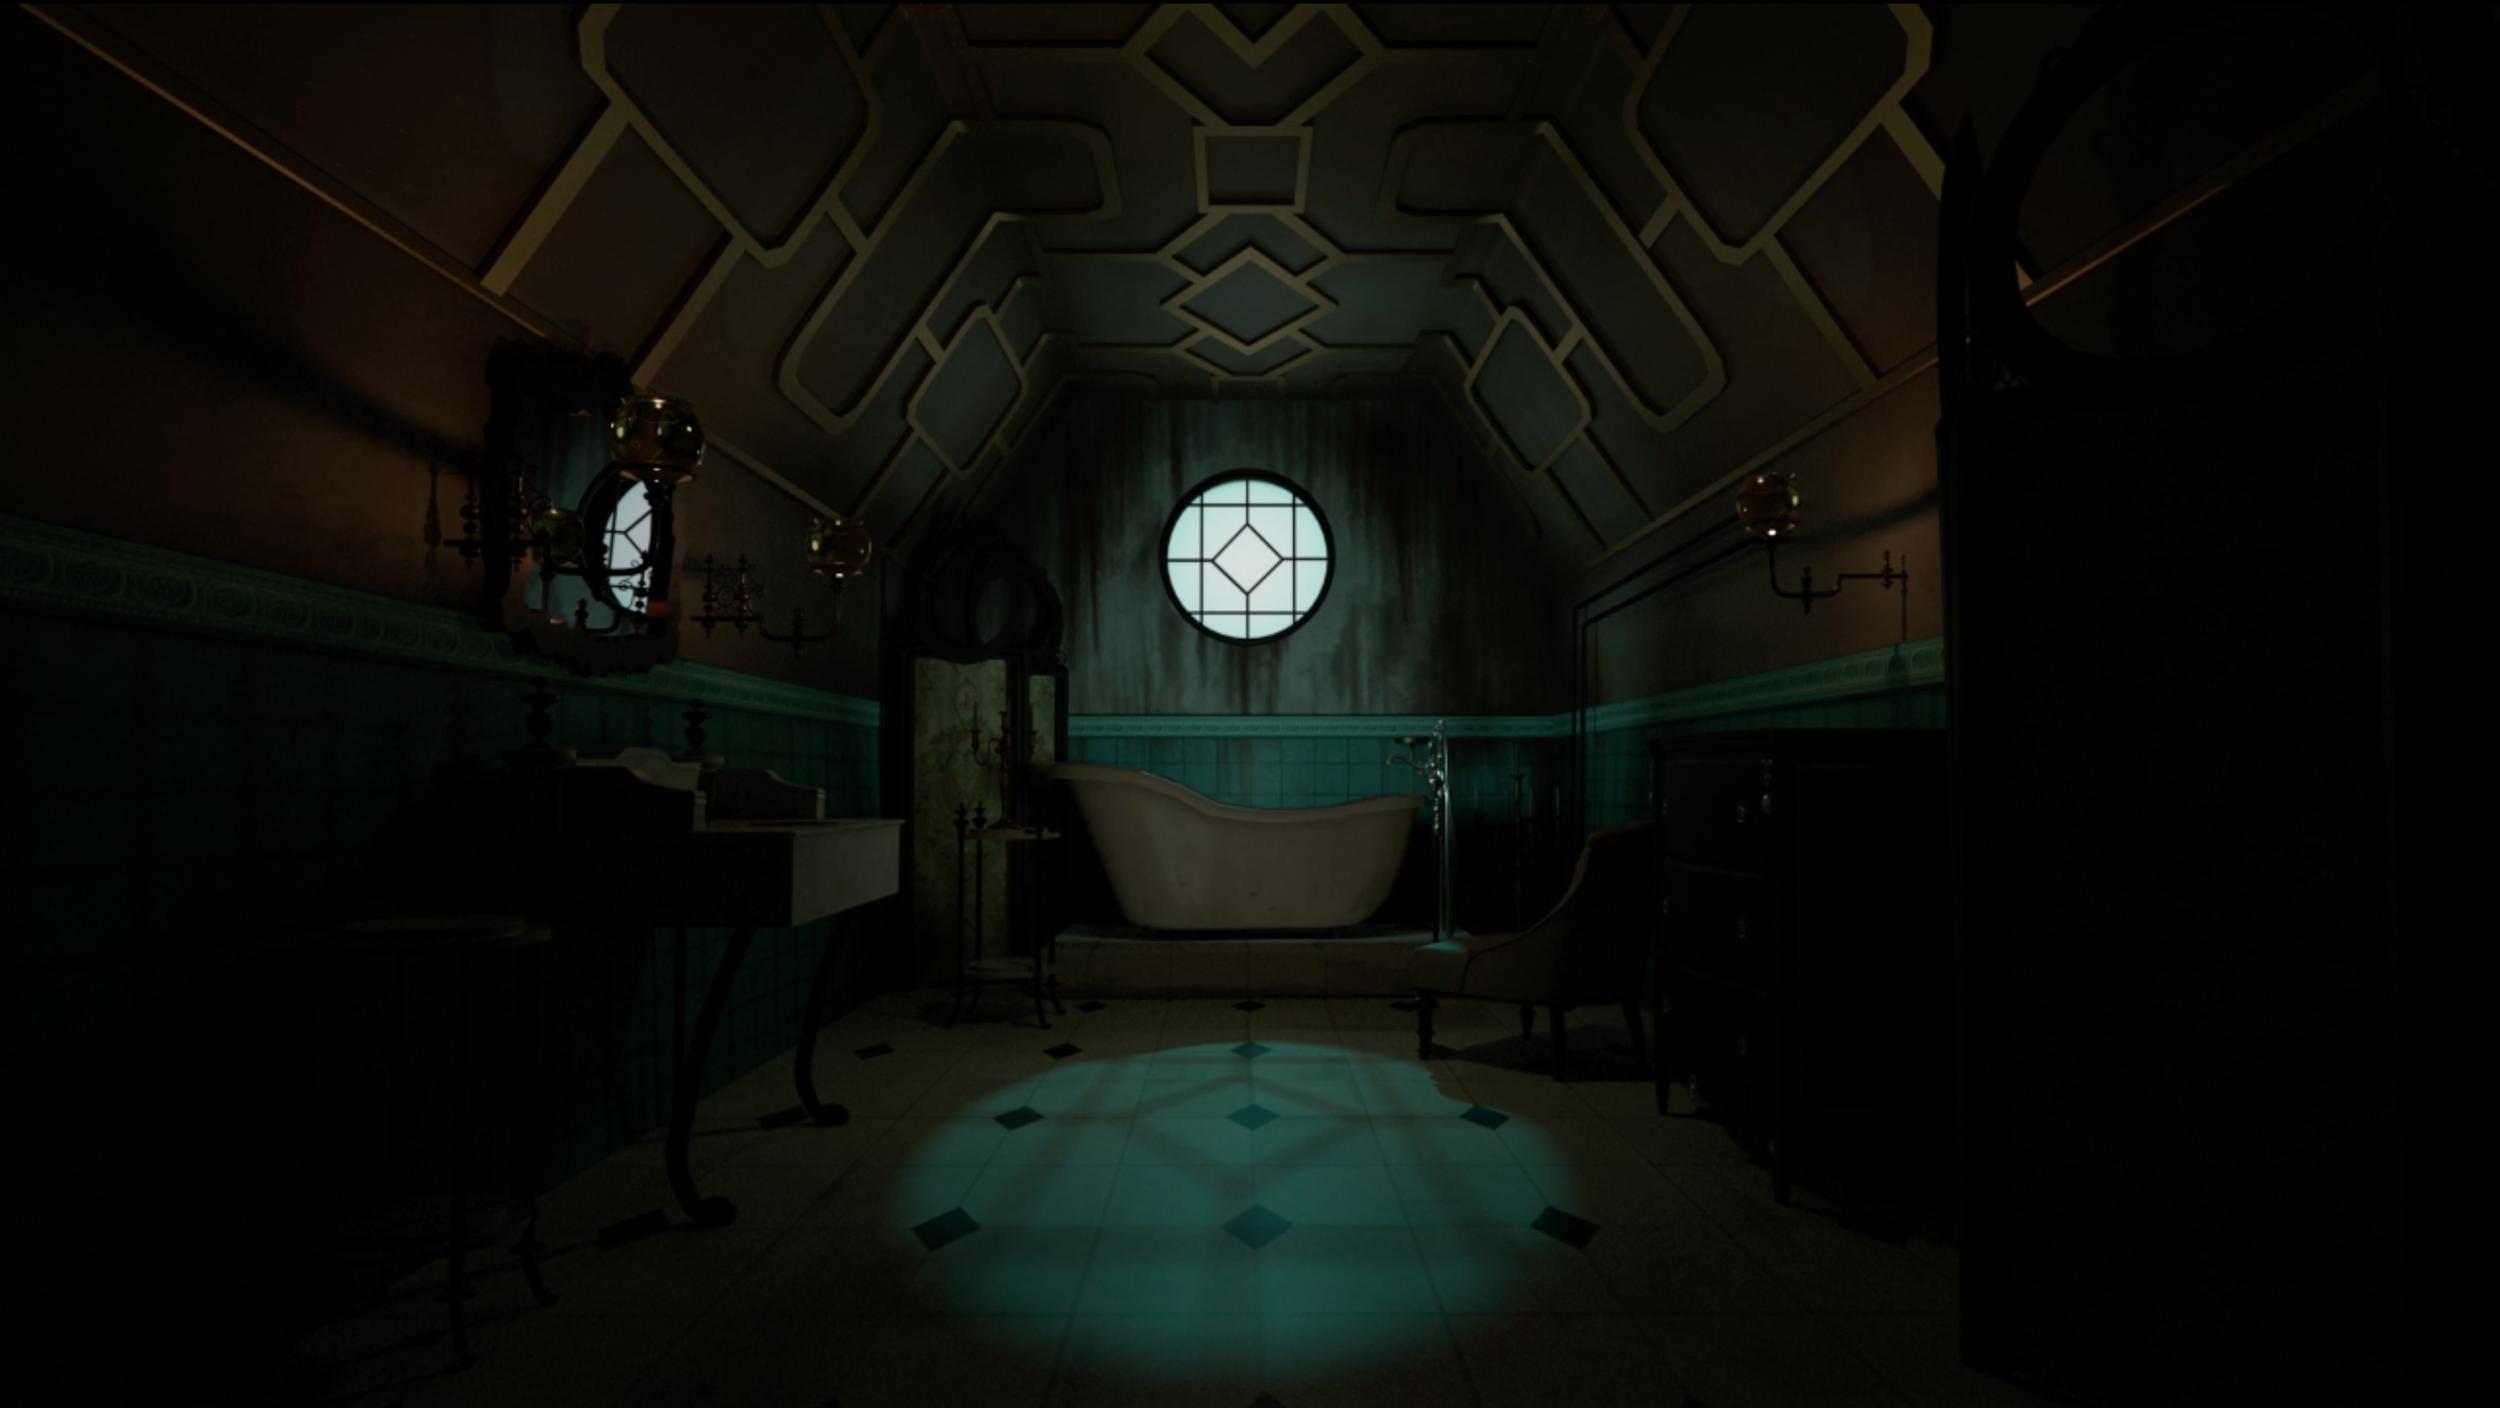 final render, using RenderMan